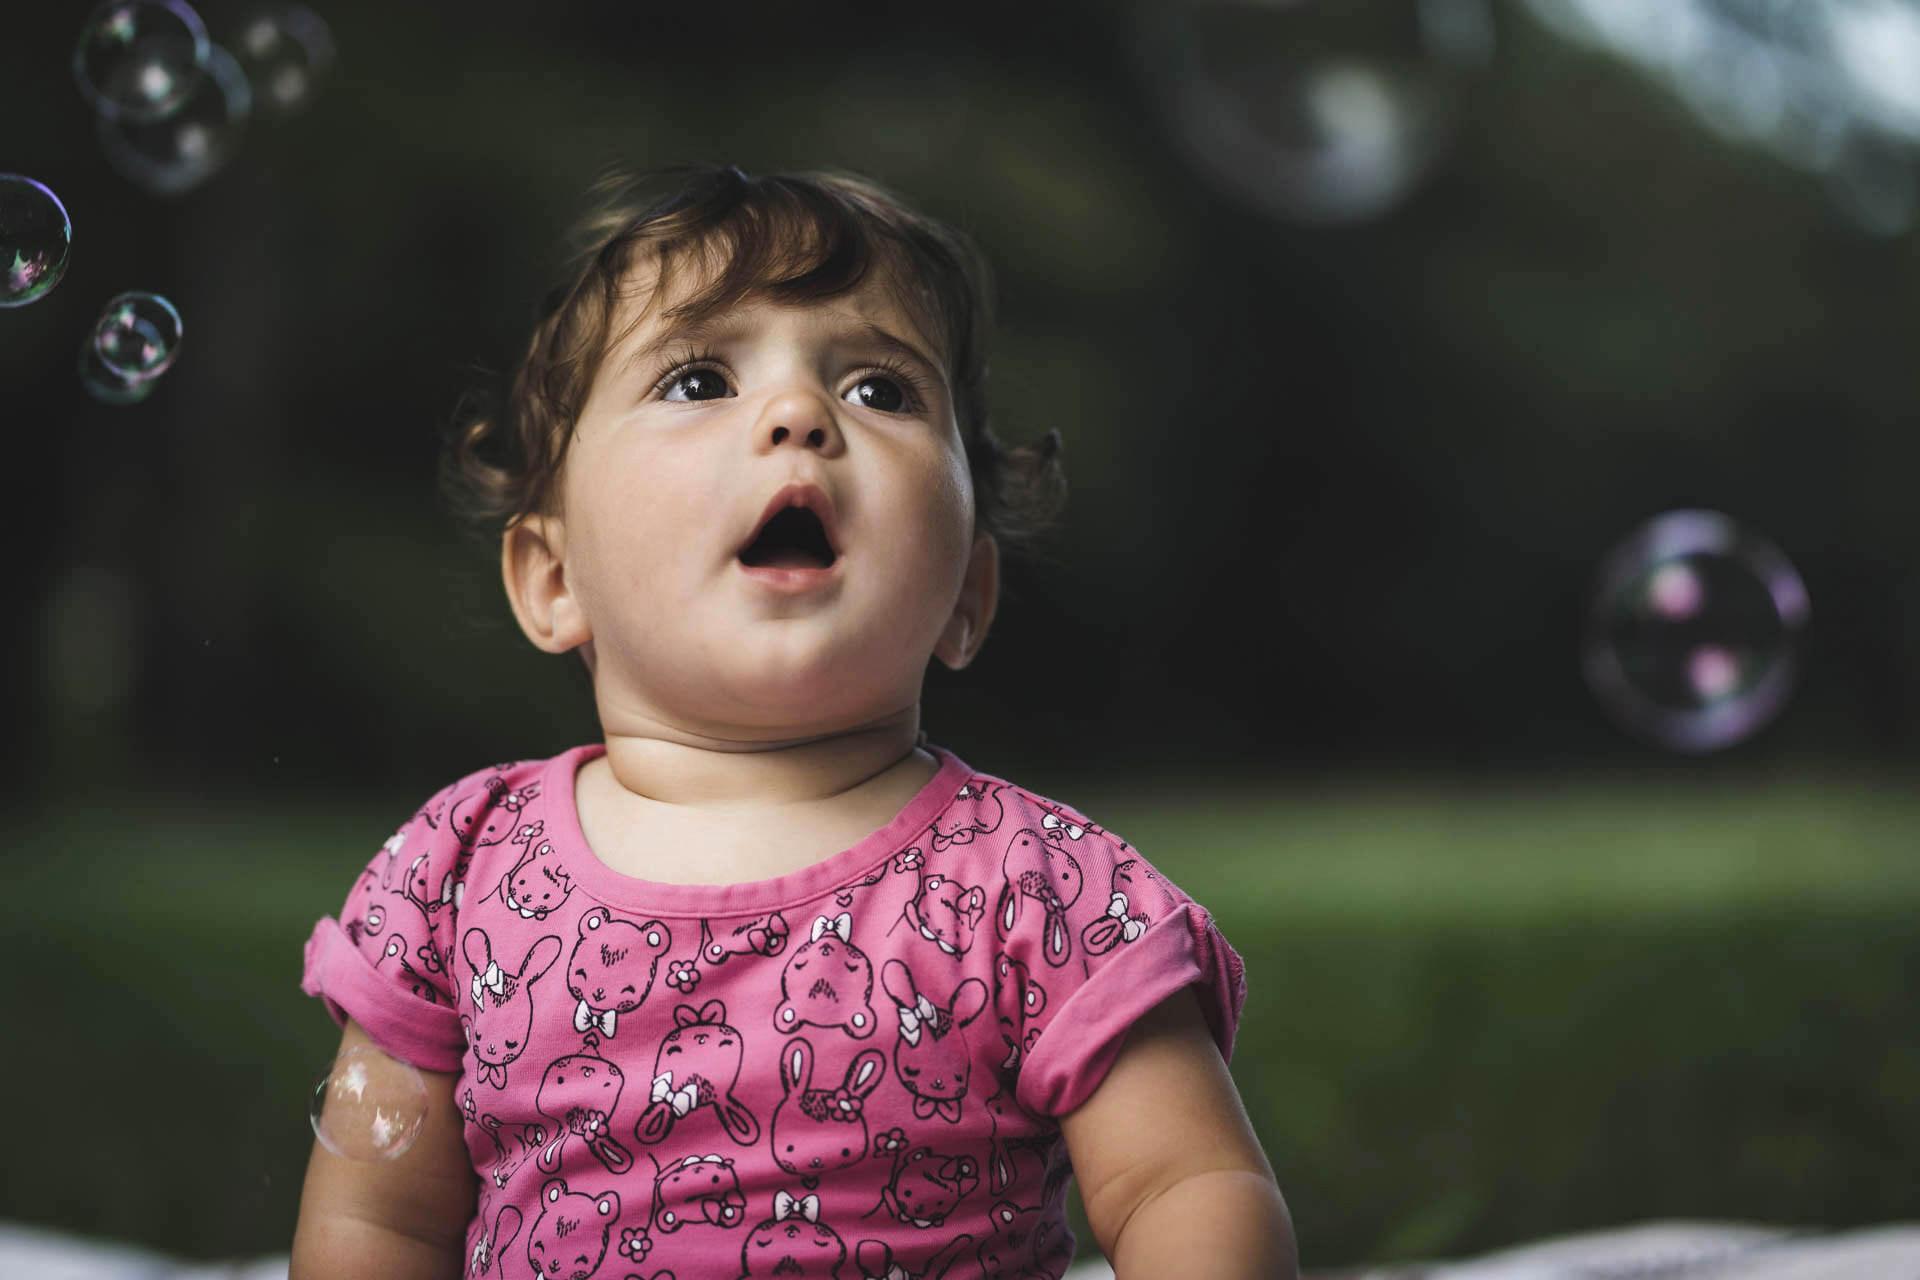 Servizio Fotografico Bambini e Famiglia a Venezia, Veneto. Ecco la piccola Greta. Michelino Studio, fotografo professionista per neonati, bambini e famiglia in Veneto. 006